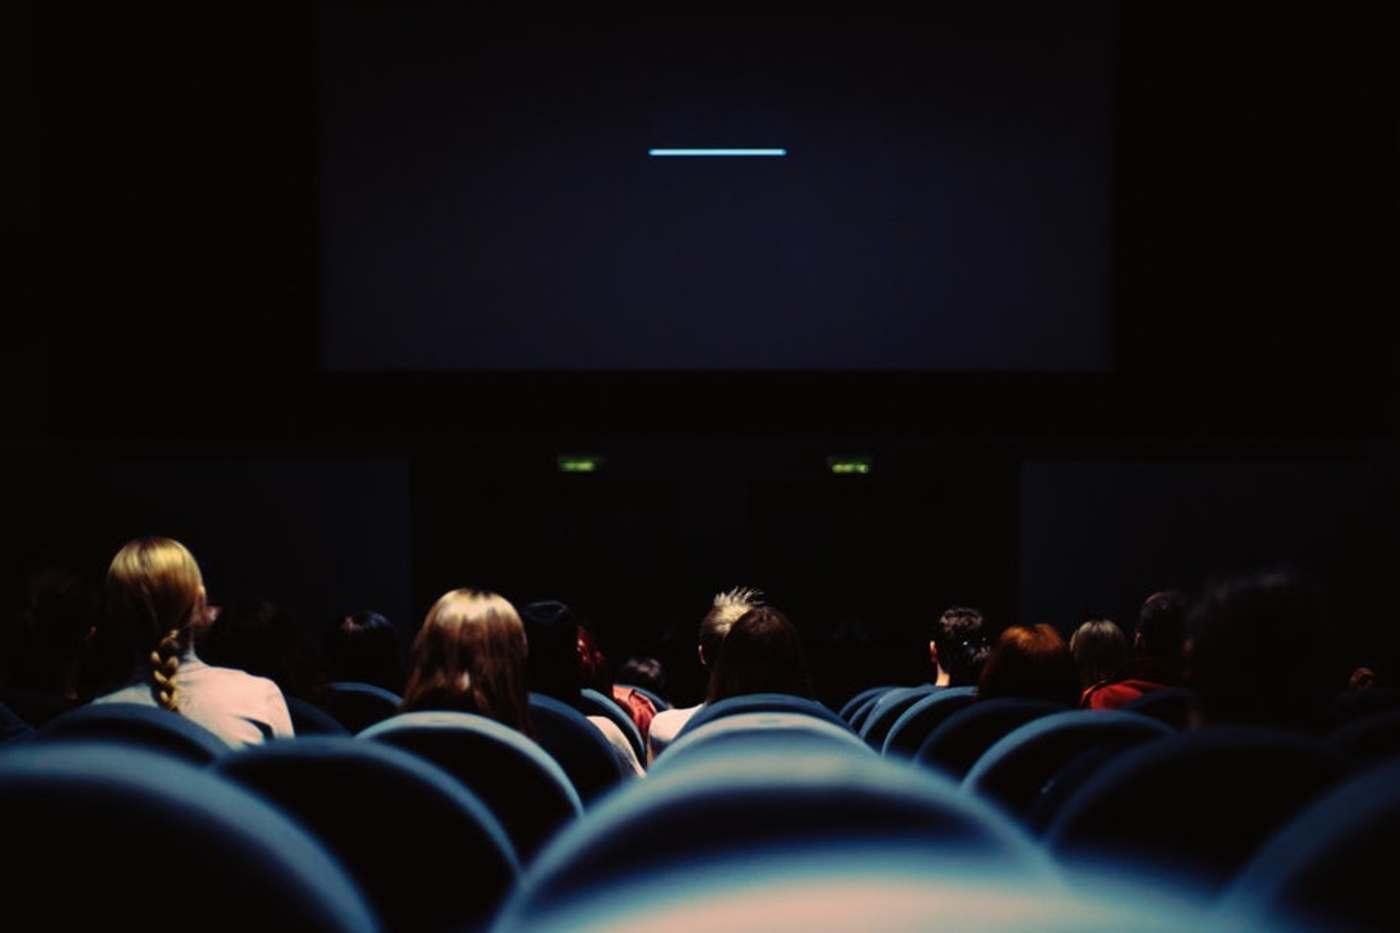 电影院7月20日起恢复营业,每场上座率不超30%  | 钛快讯